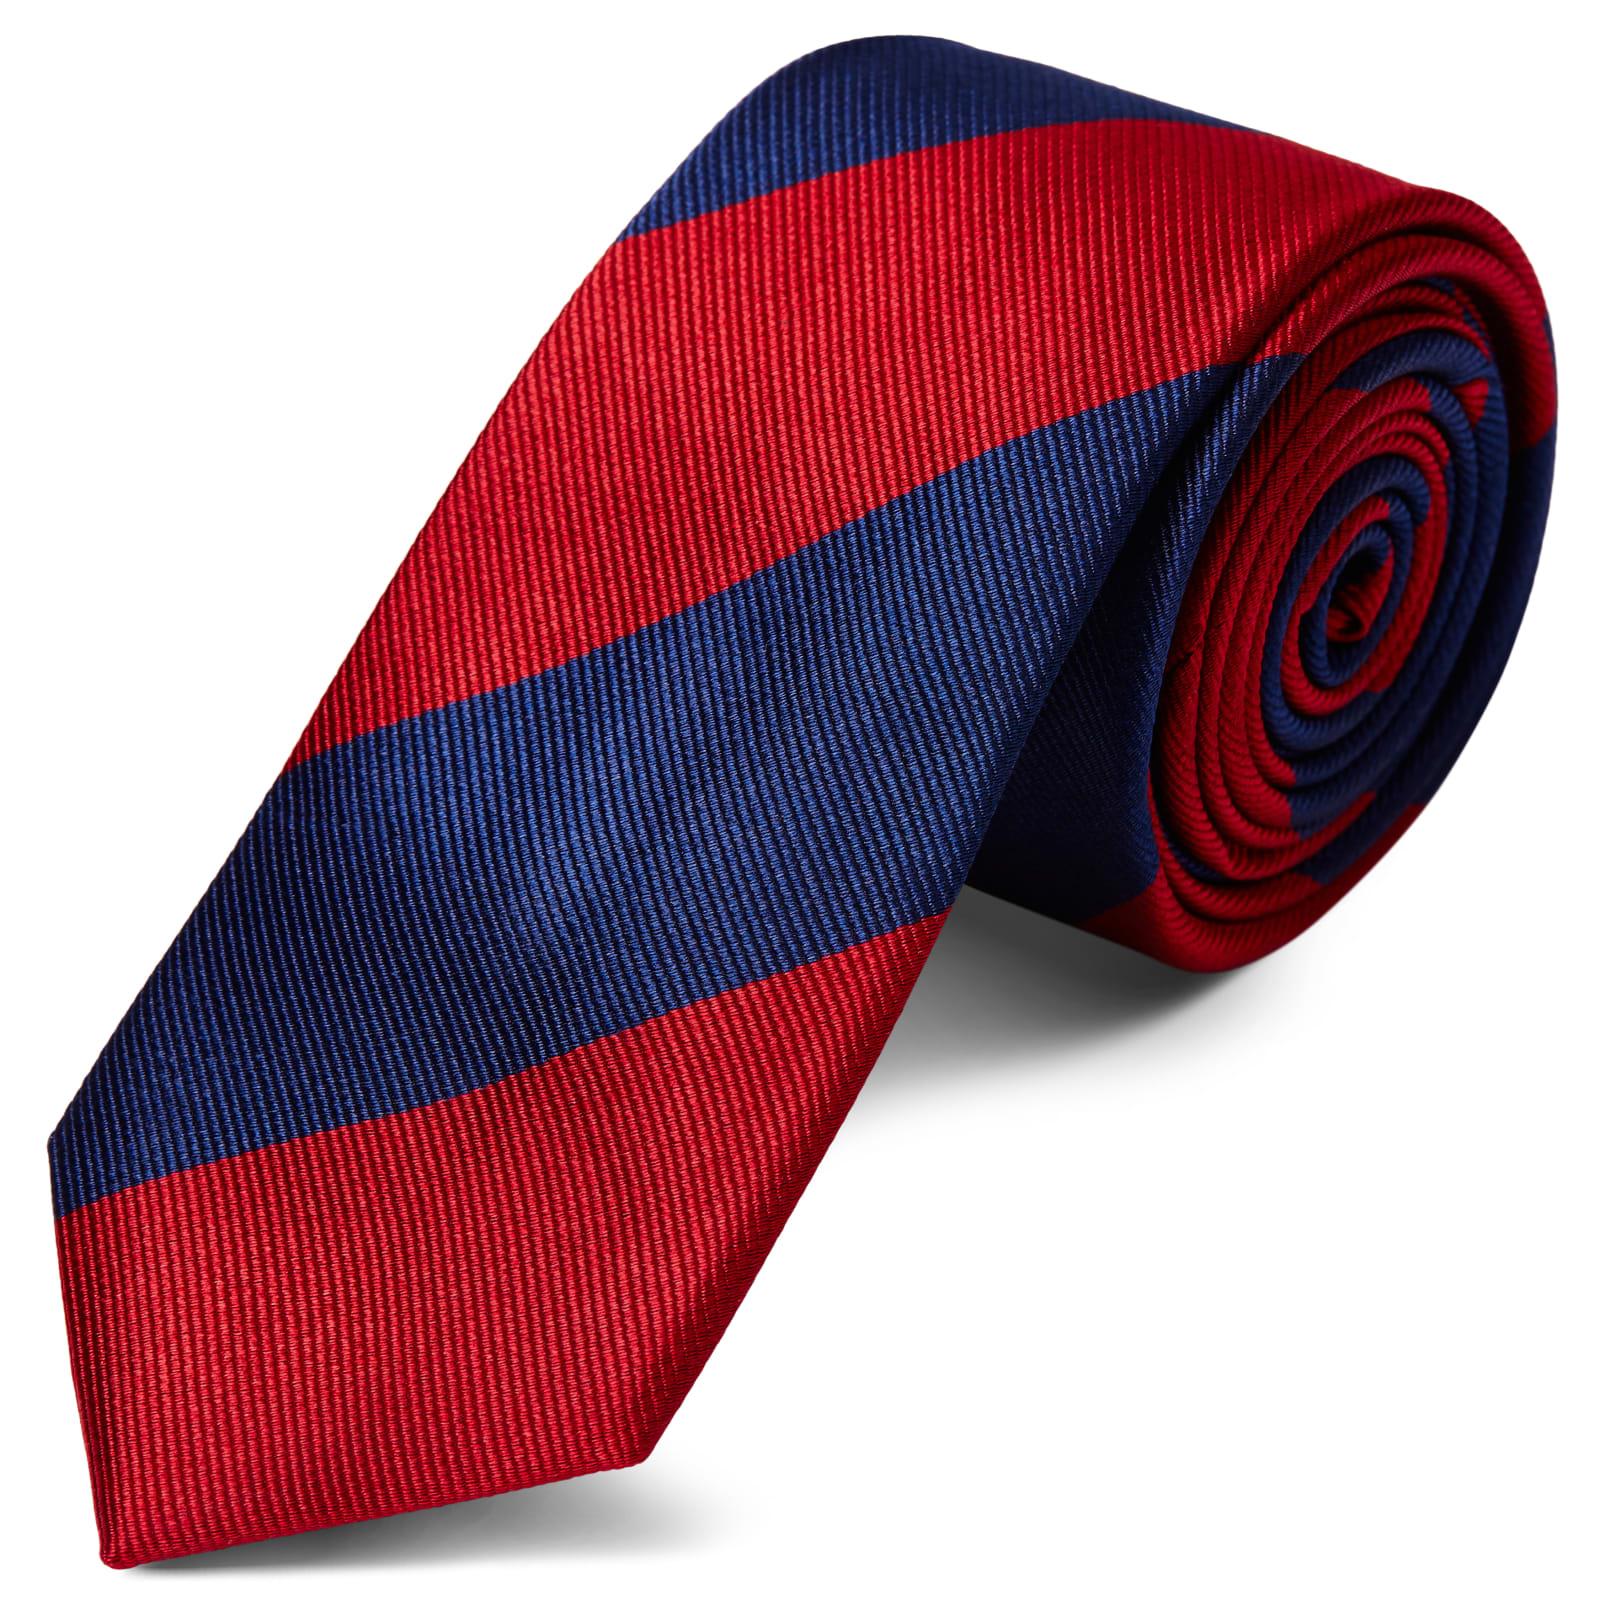 bc84bef6bcaf76 Cravate en soie à rayures rouge et marine - 6 cm | Port gratuit | TND Basics